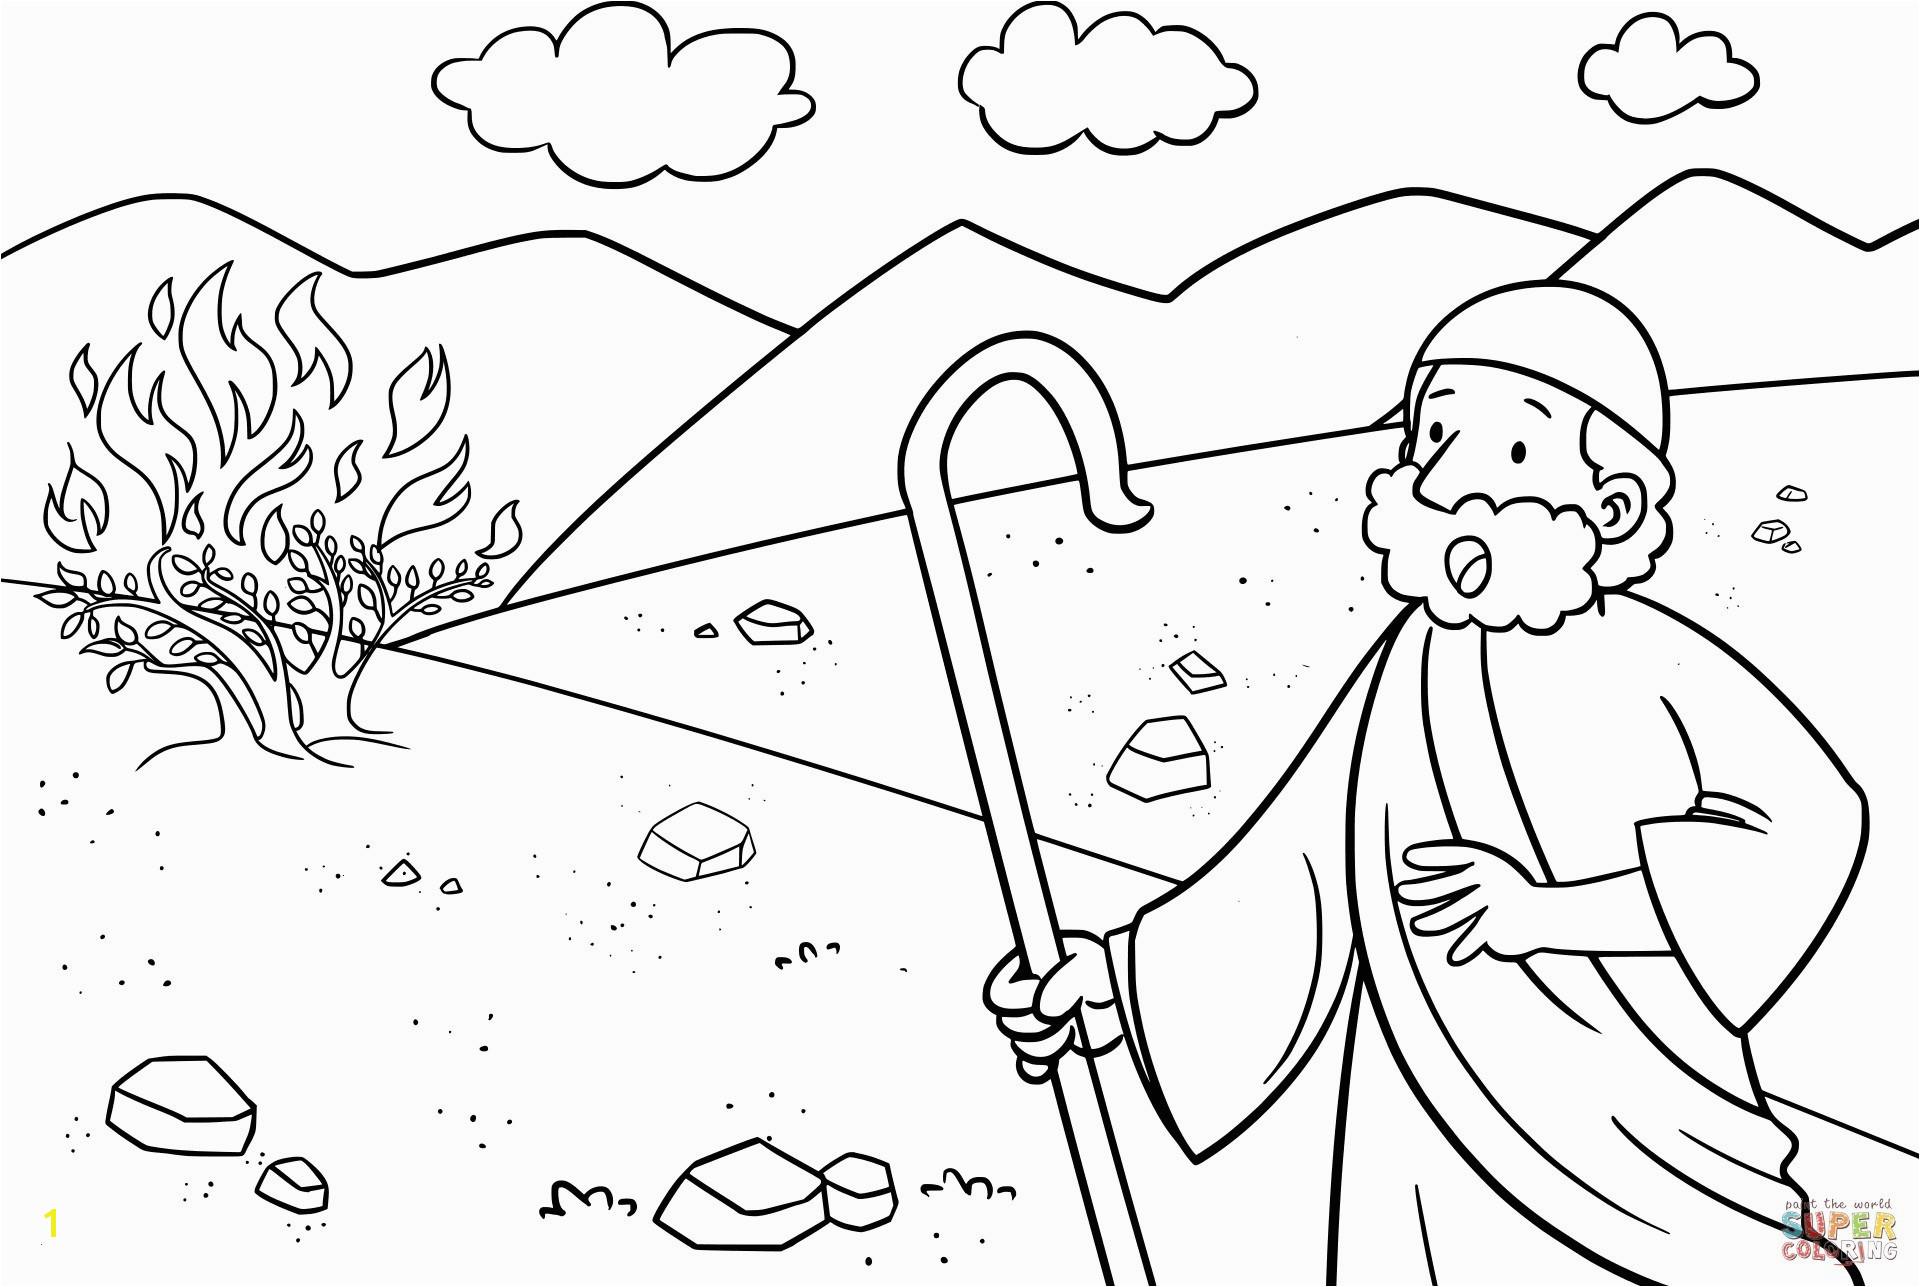 Moses Burning Bush Coloring Page